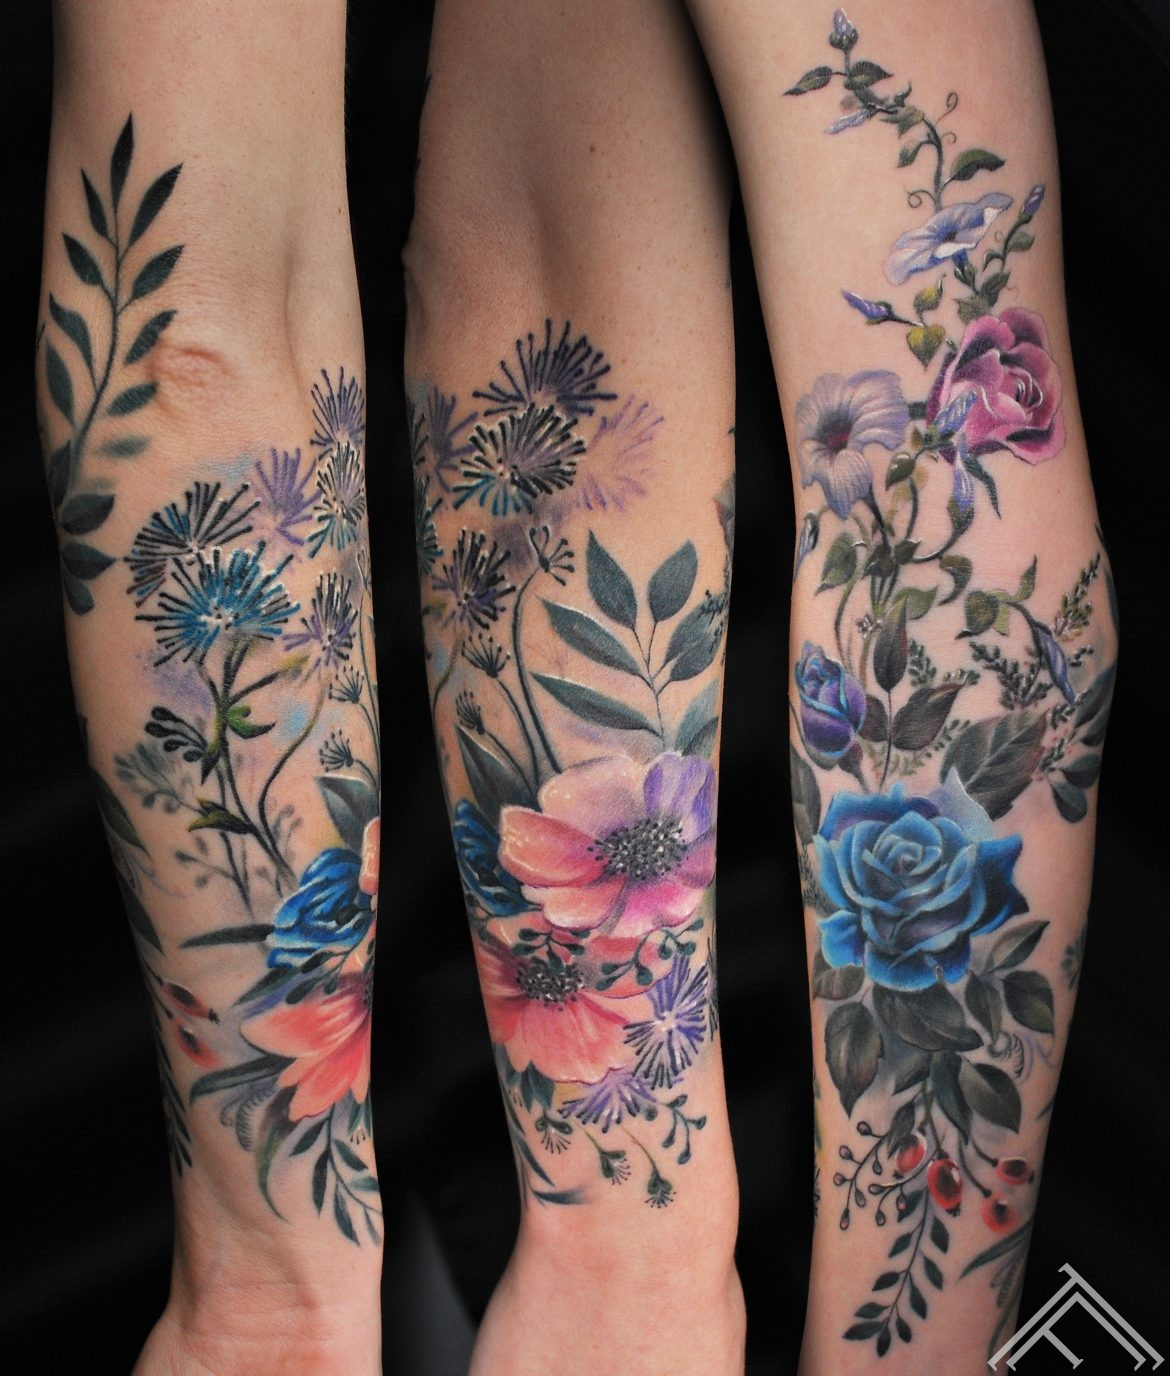 flowers-ziedi-tattoo-tattoofrequency-riga-marispavlo